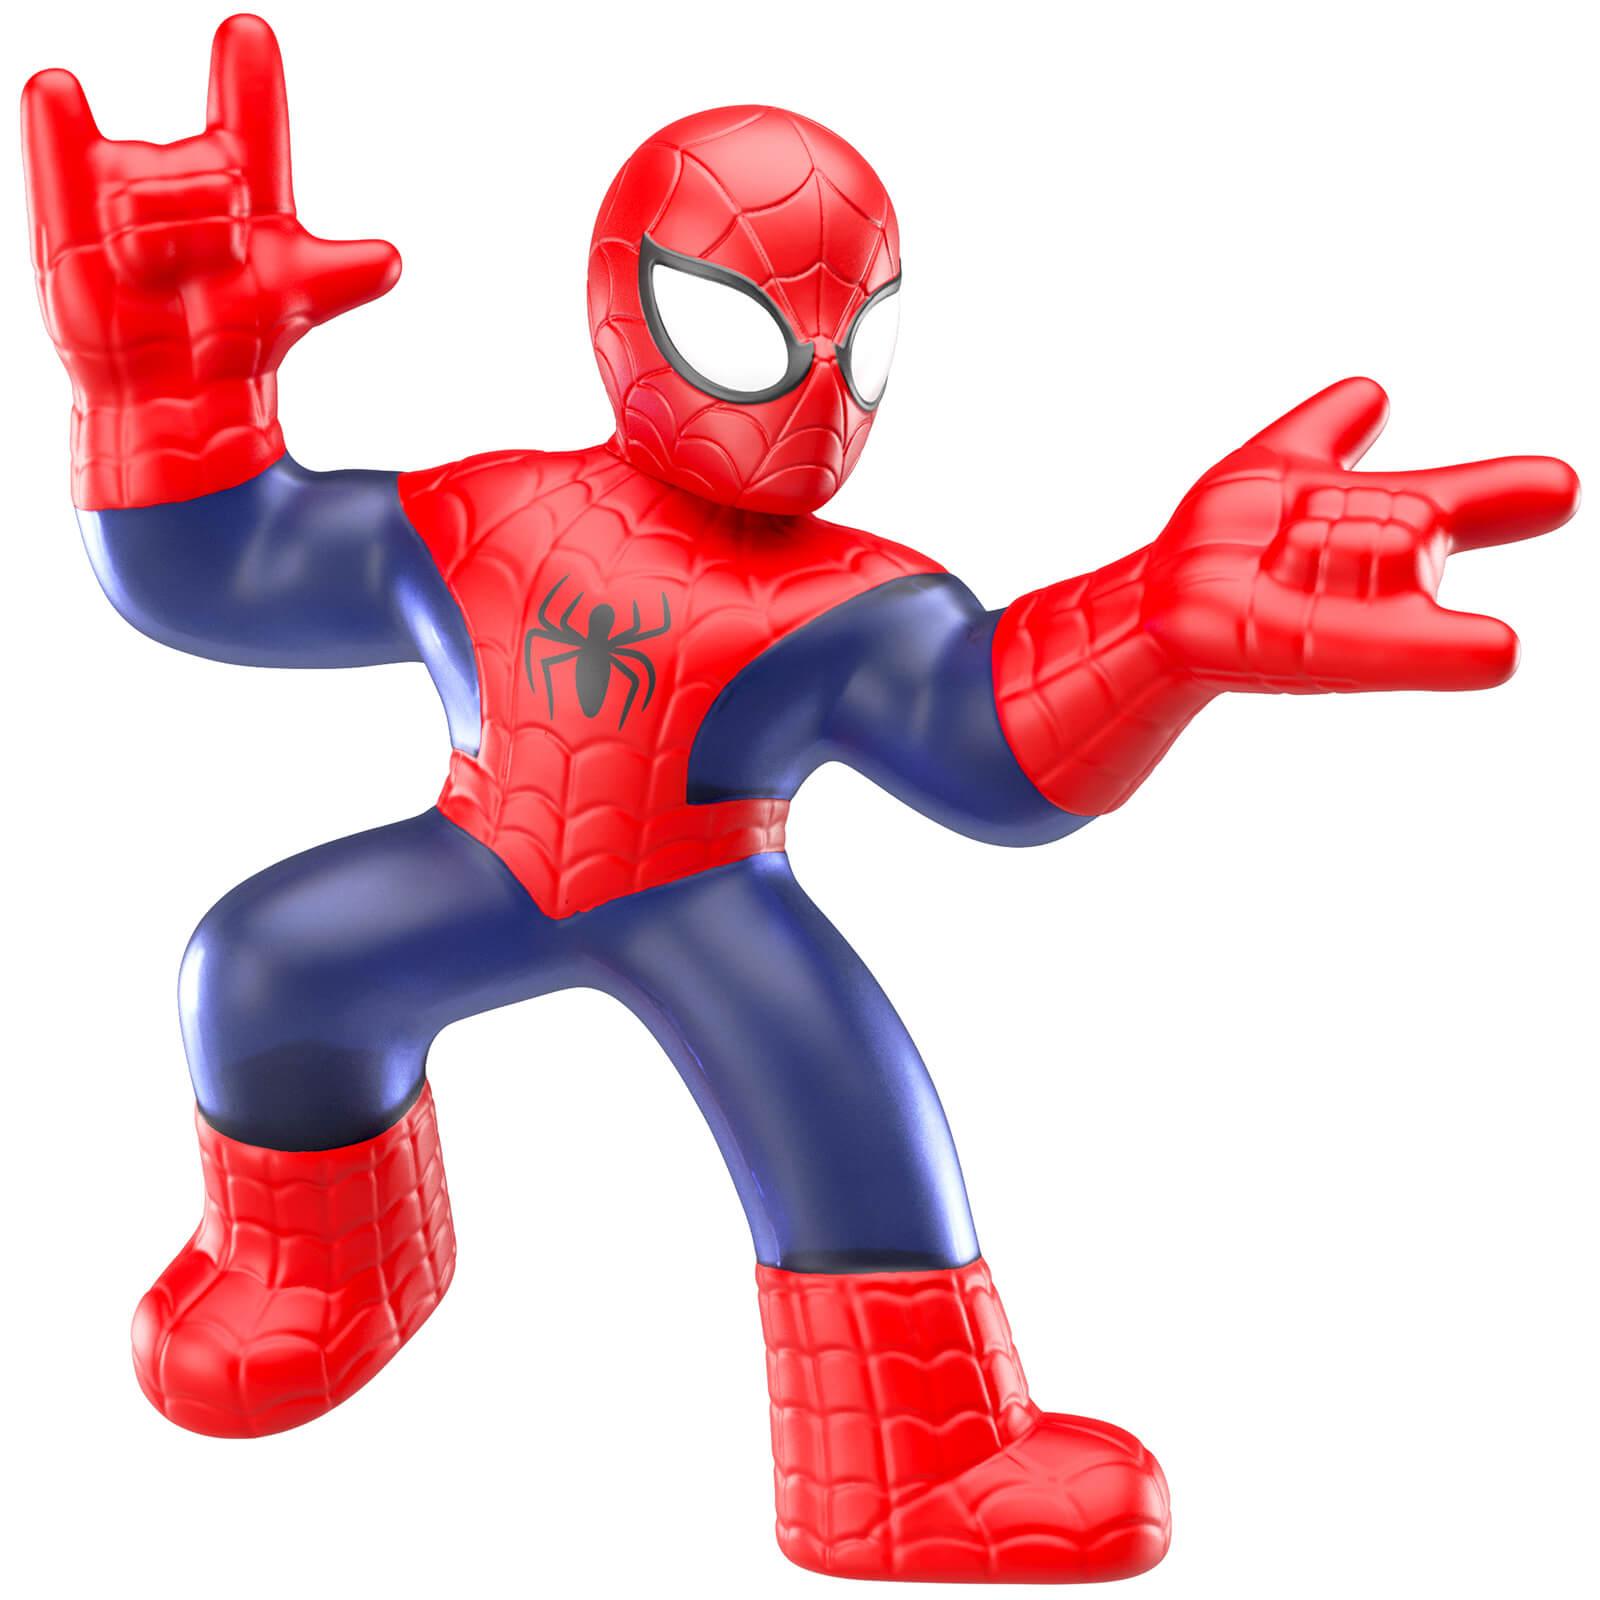 Image of Heroes of Goo Jit Zu Marvel - Supagoo Spider-Man